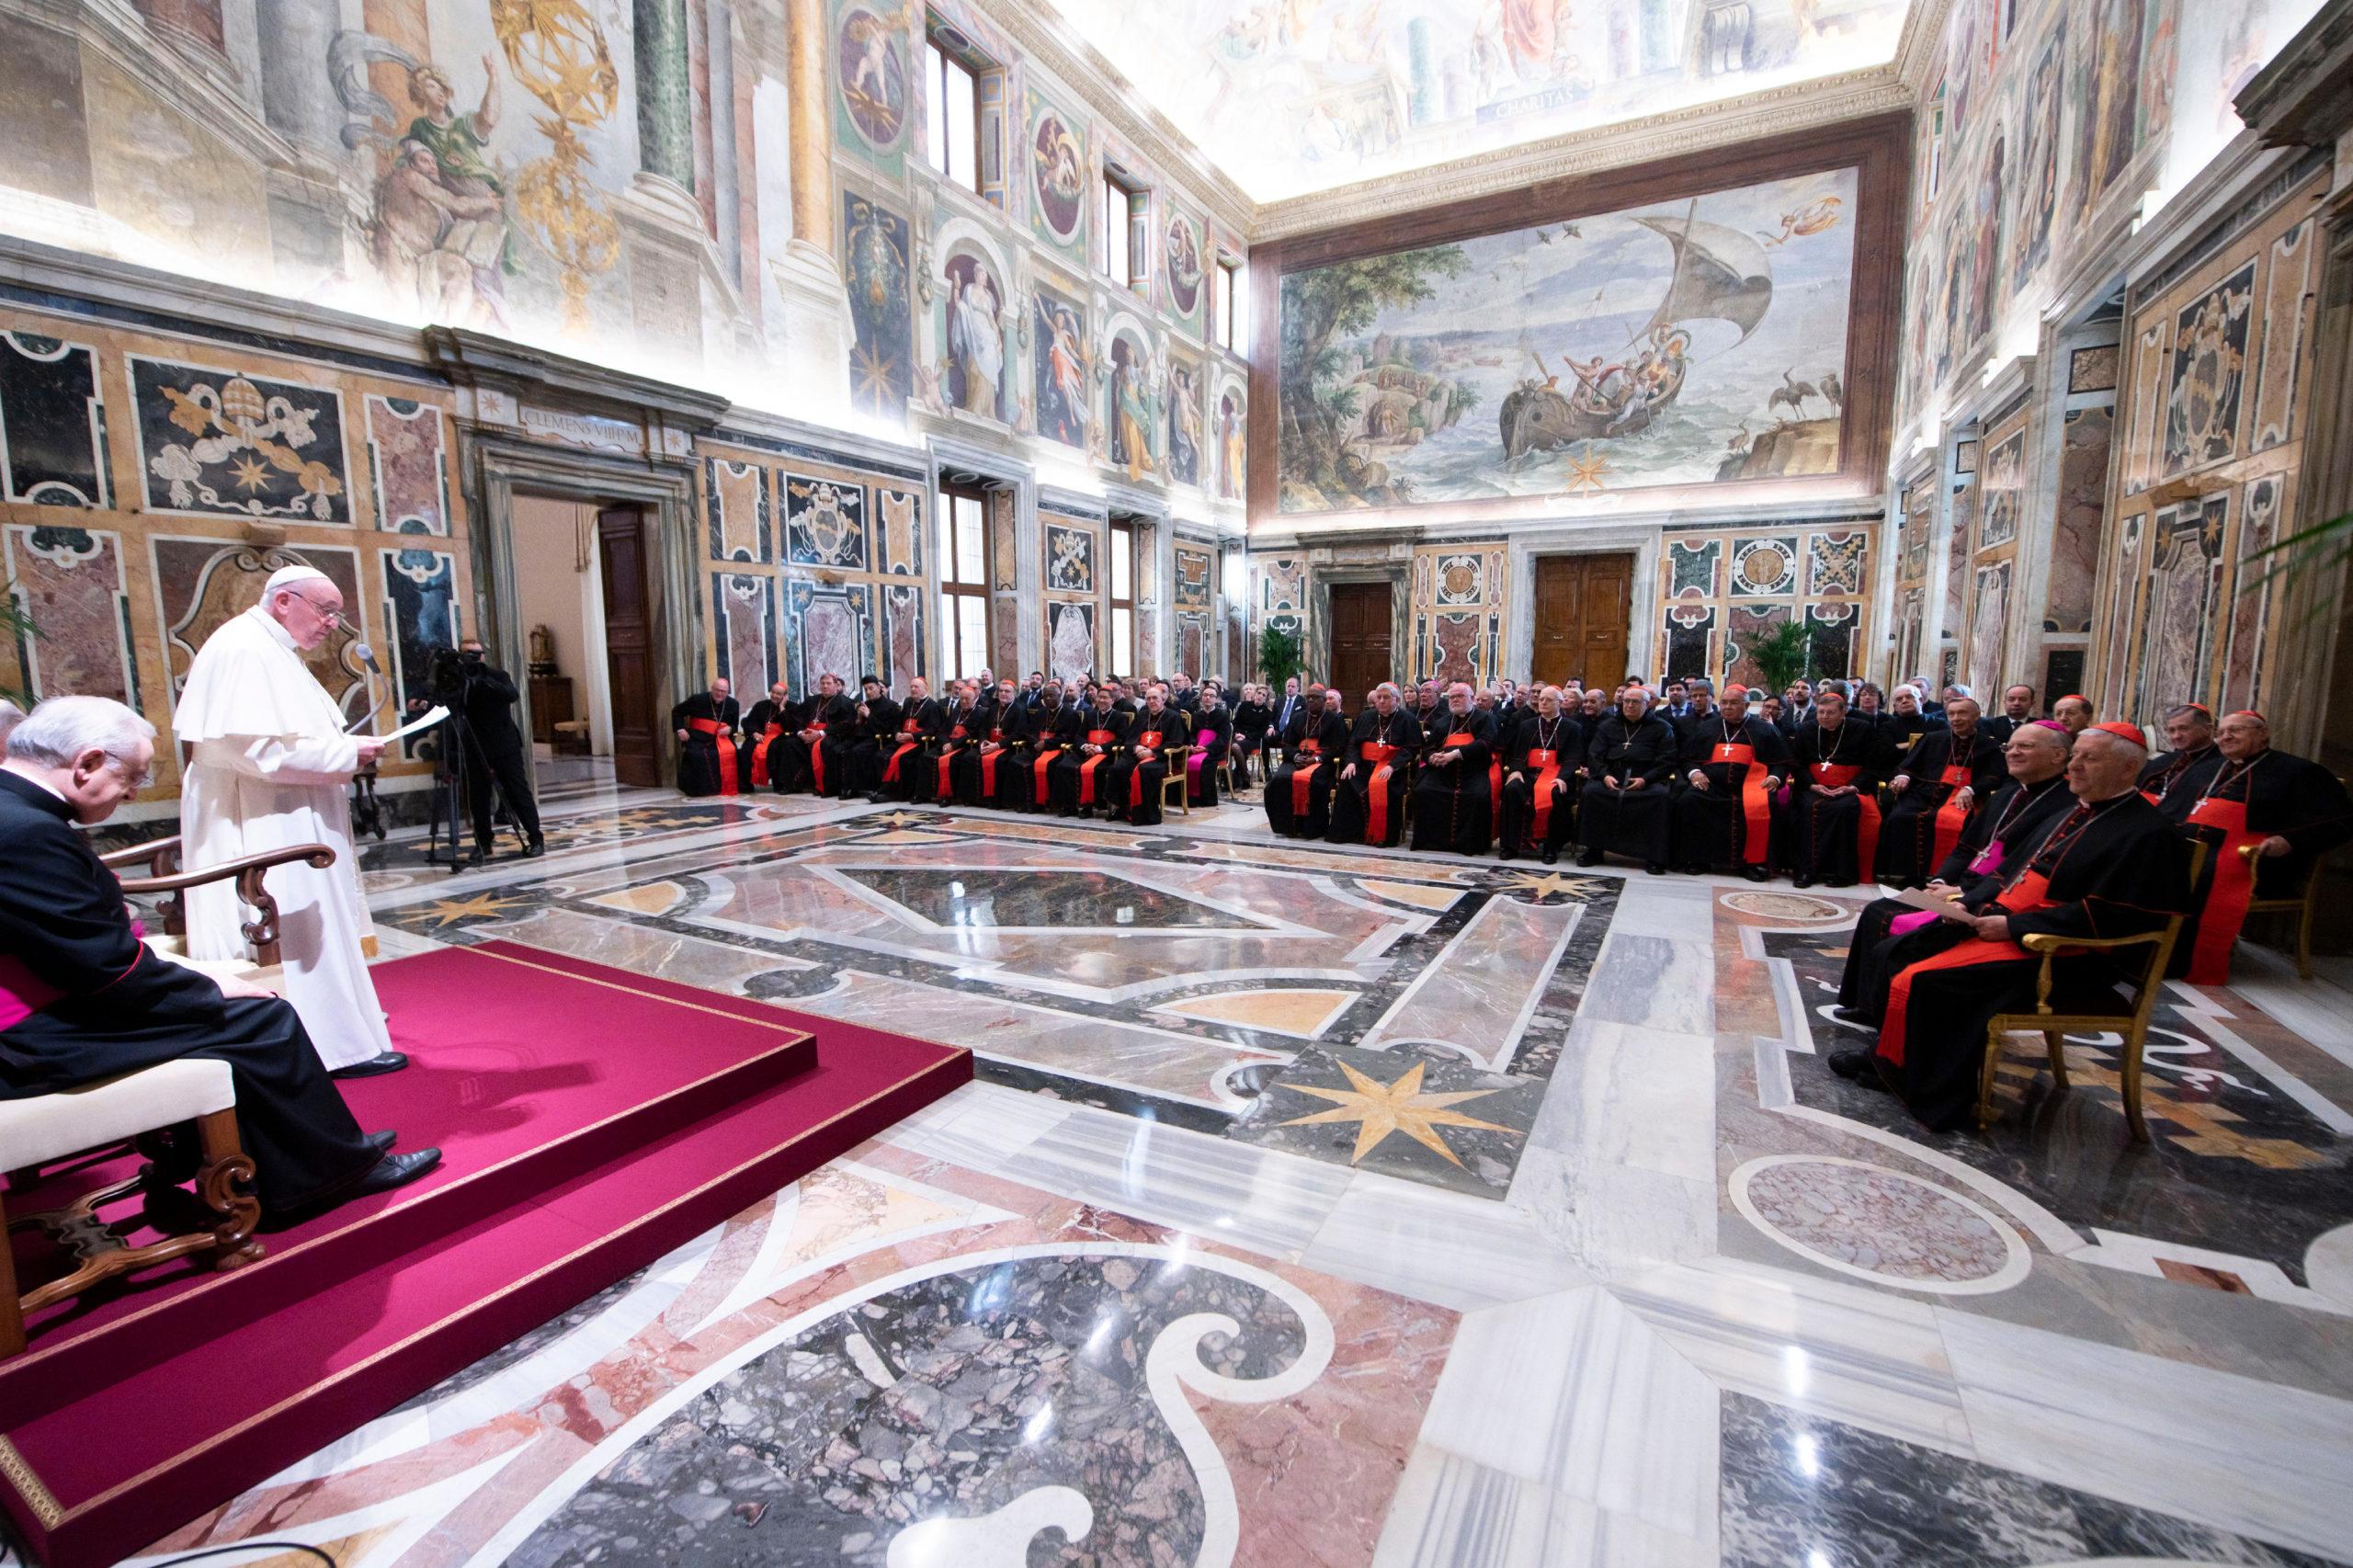 Assemblée plénière de la Congrégation pour l'éducation catholique © Vatican Media